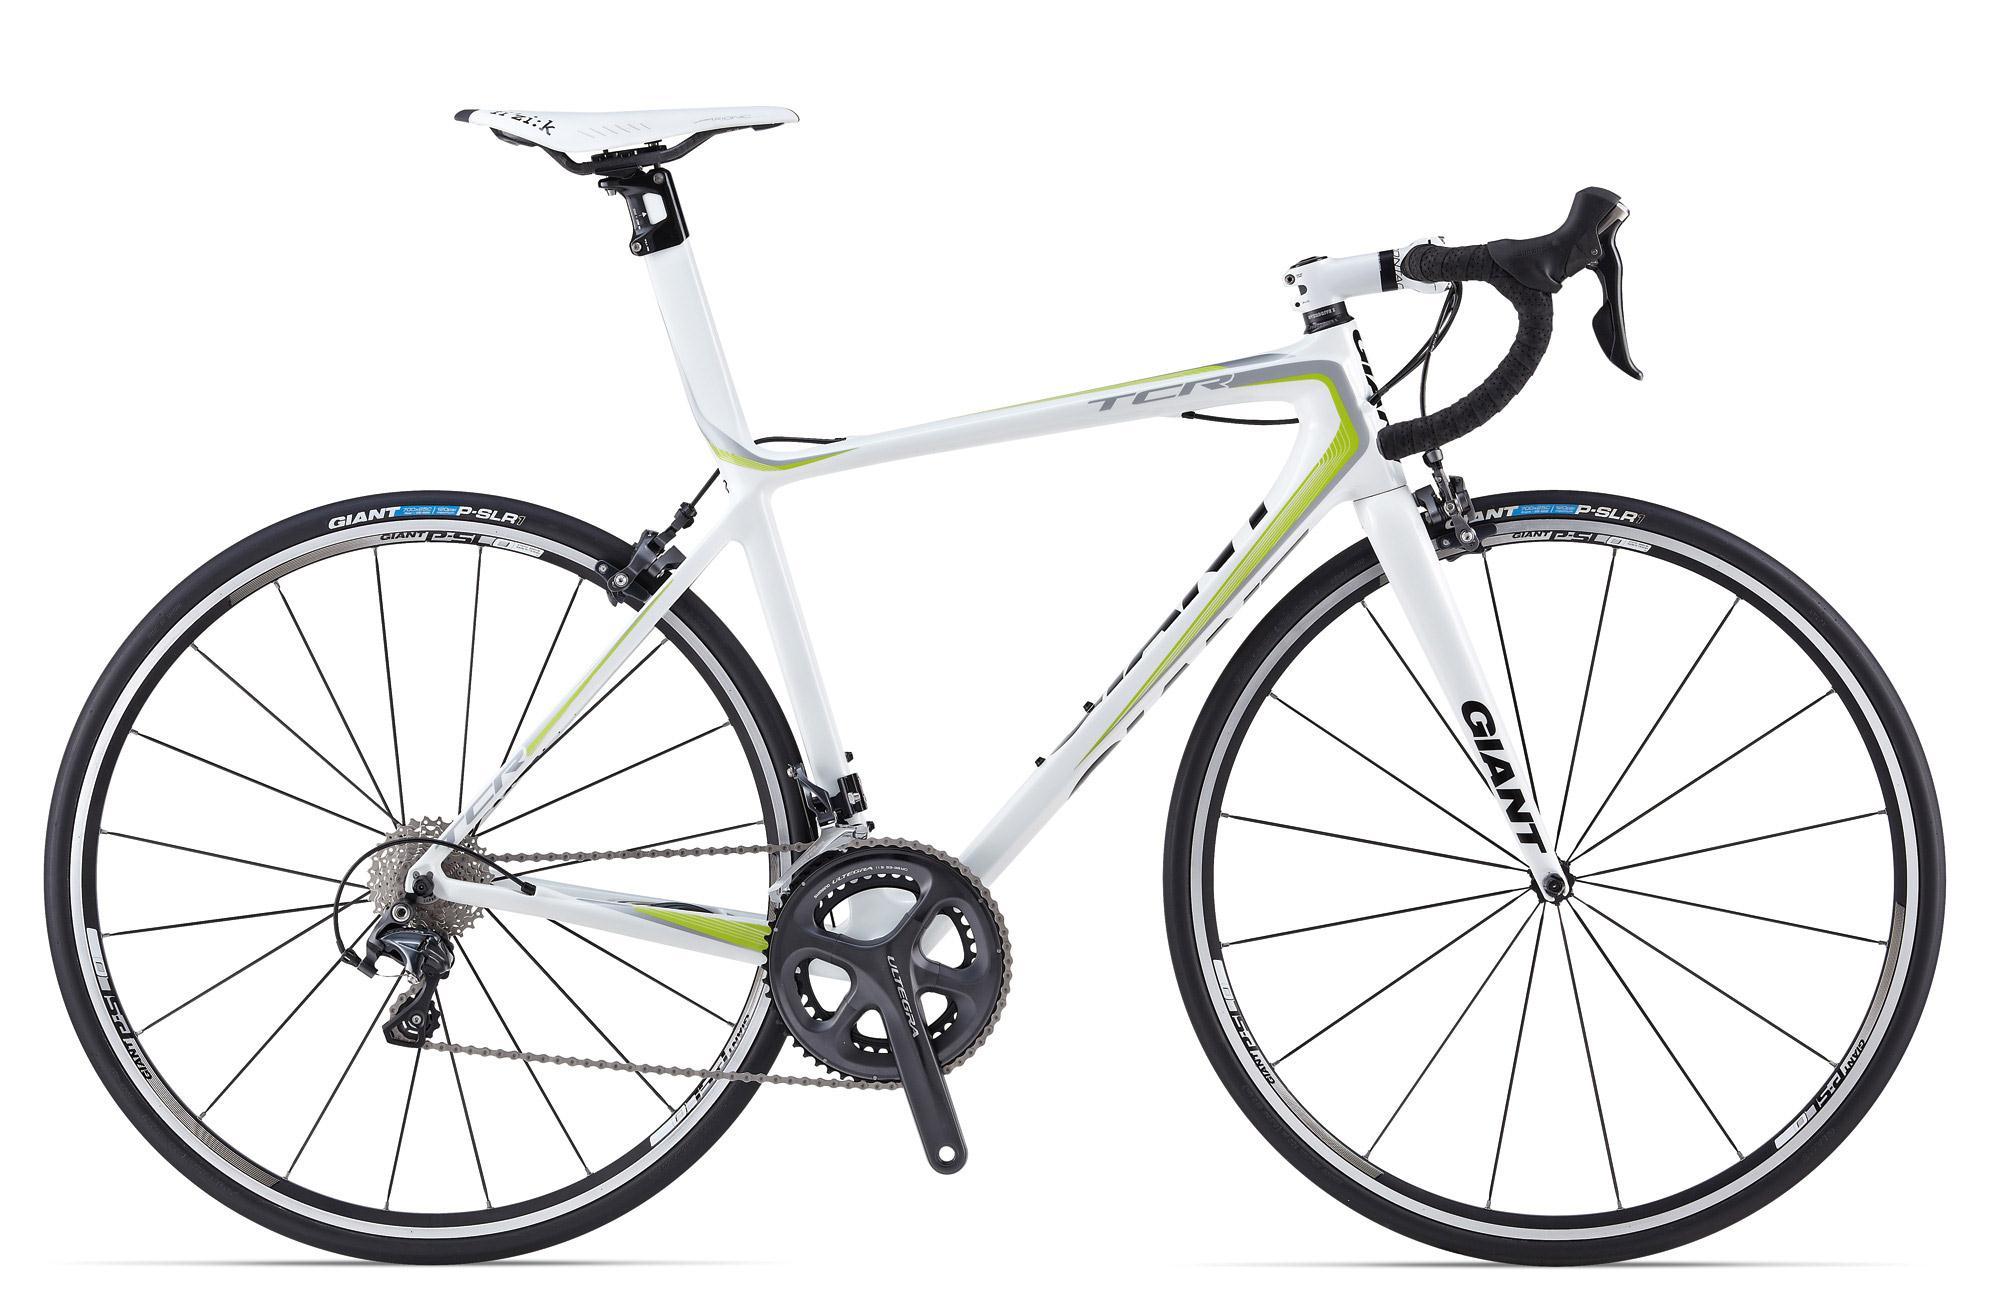 74be6377489 2014 Giant TCR Advanced SL 3 ISP Road Bike - 700